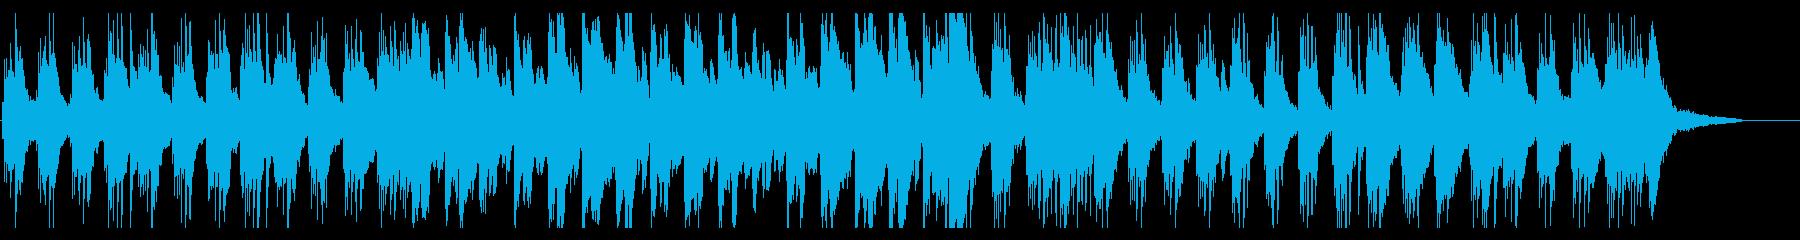 しっとりとしたスロウなピアノソロの再生済みの波形